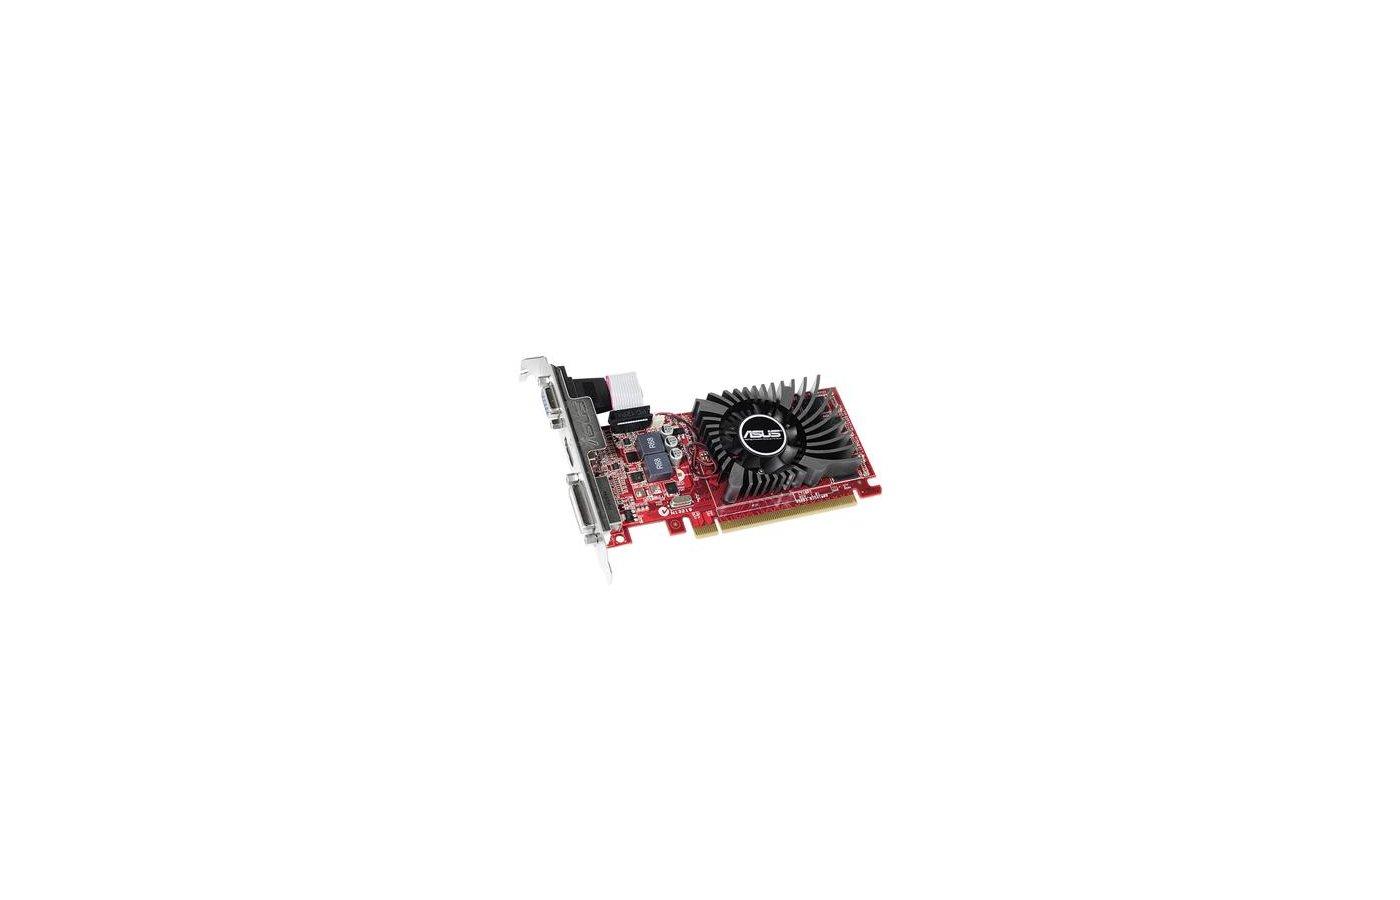 Видеокарта Asus R7240-2GD3-L (RTL)